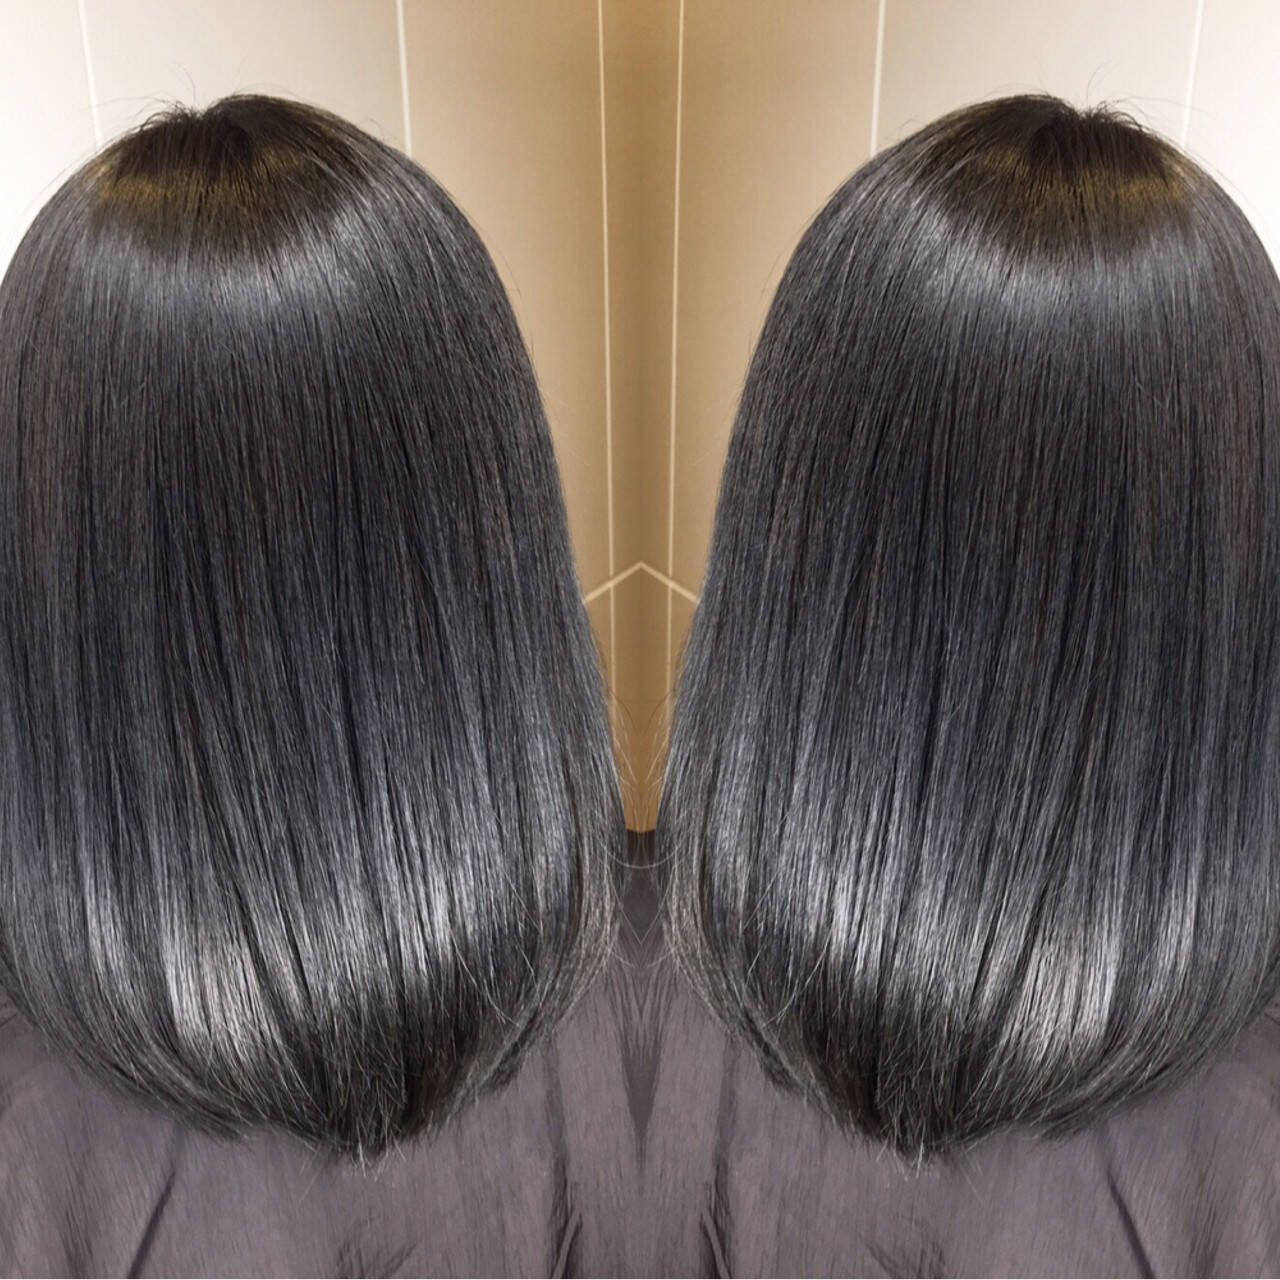 ミディアム オフィス 黒髪 グレージュヘアスタイルや髪型の写真・画像